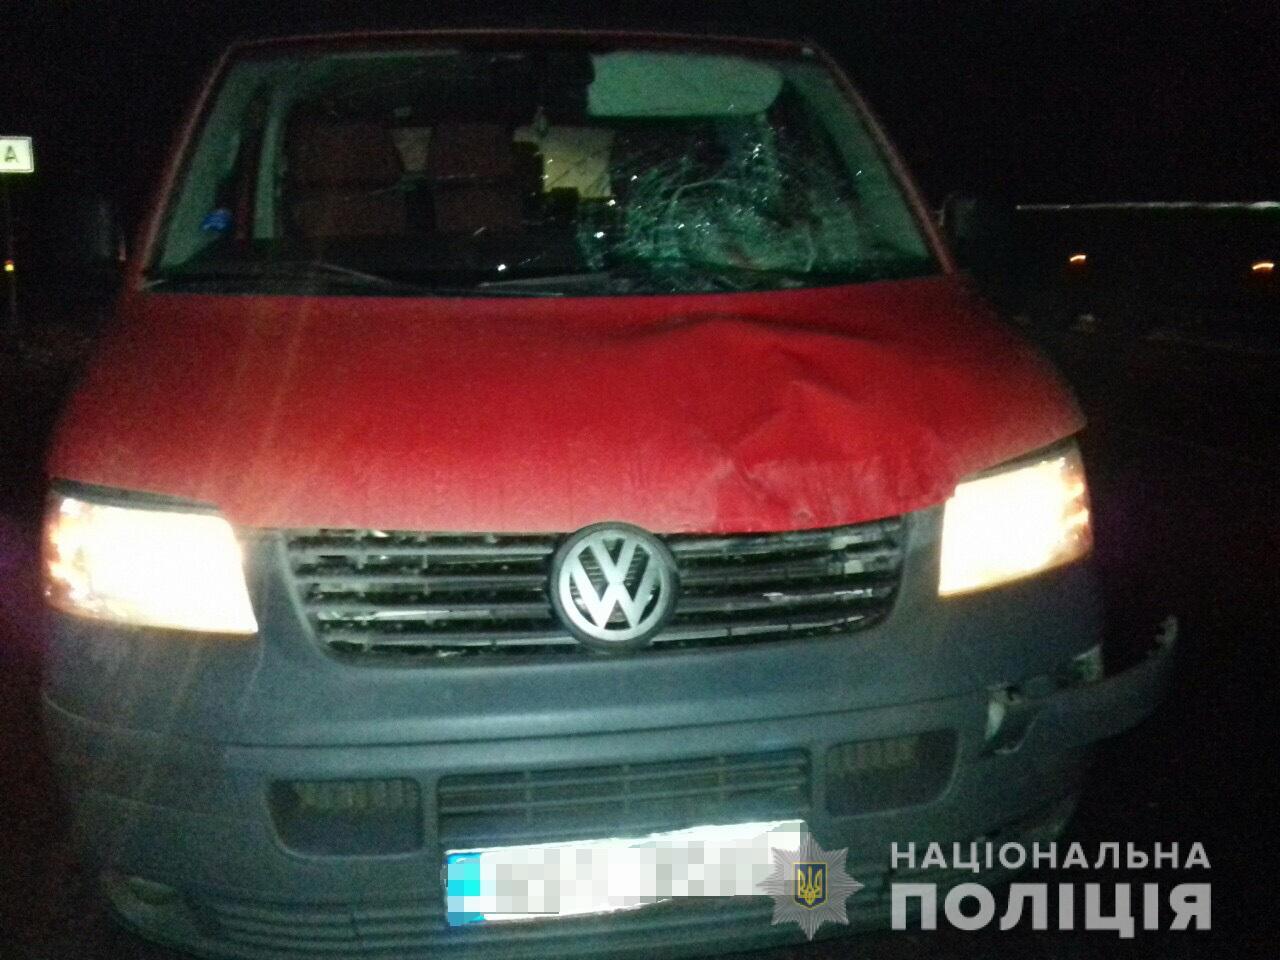 Кровавый след на лобовом: В Закарпатье случилось ДТП с летальным исходом